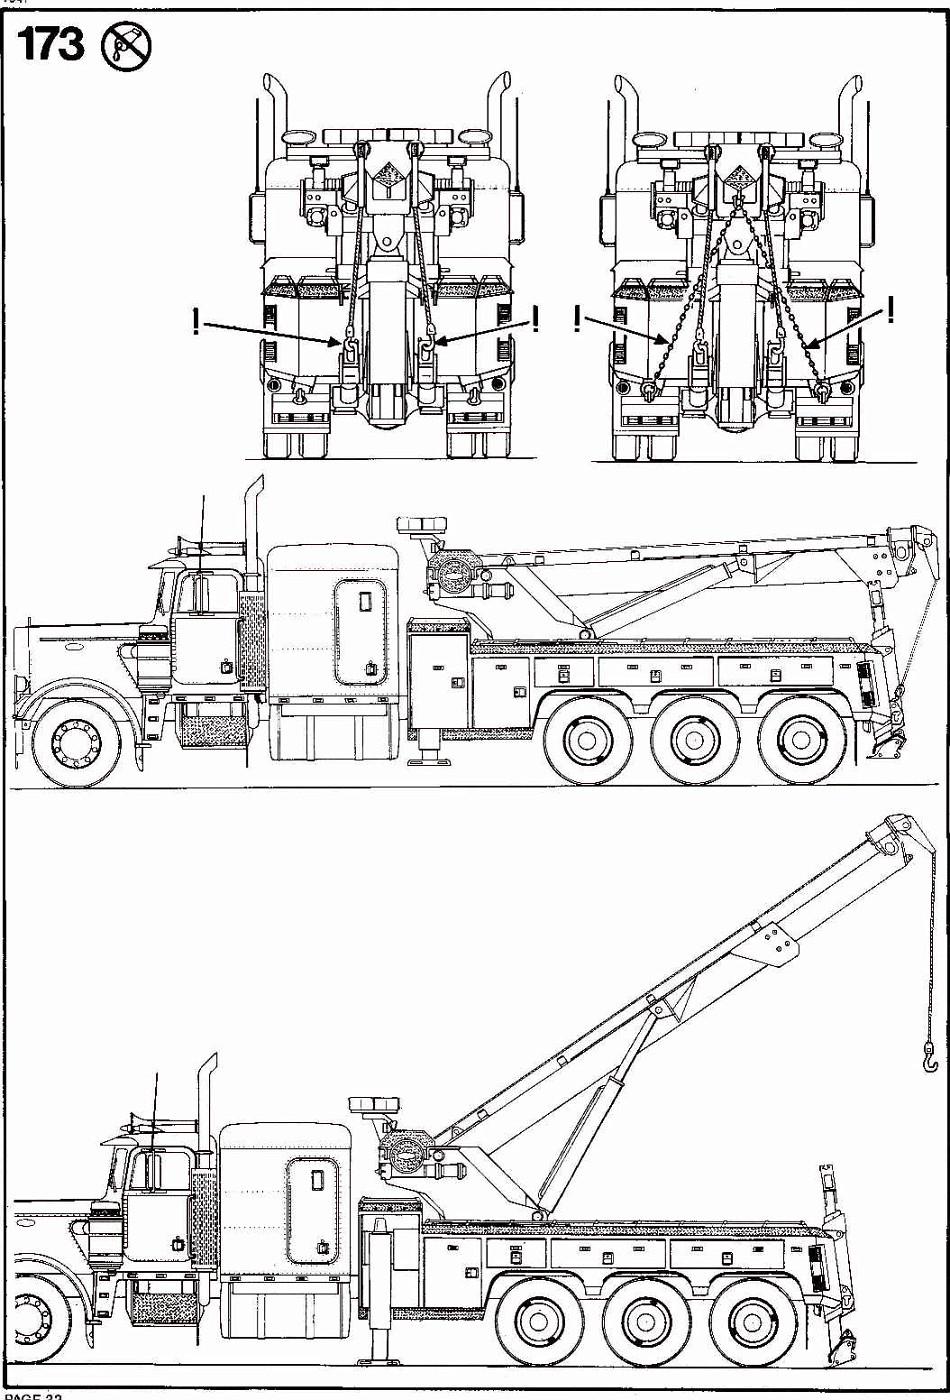 2012 Peterbilt 348 Wiring Schematic Diagrams Schematics 320 Diagram Photo Can Do Instructions Pg 32 07541 Wrecker Album On Kenworth